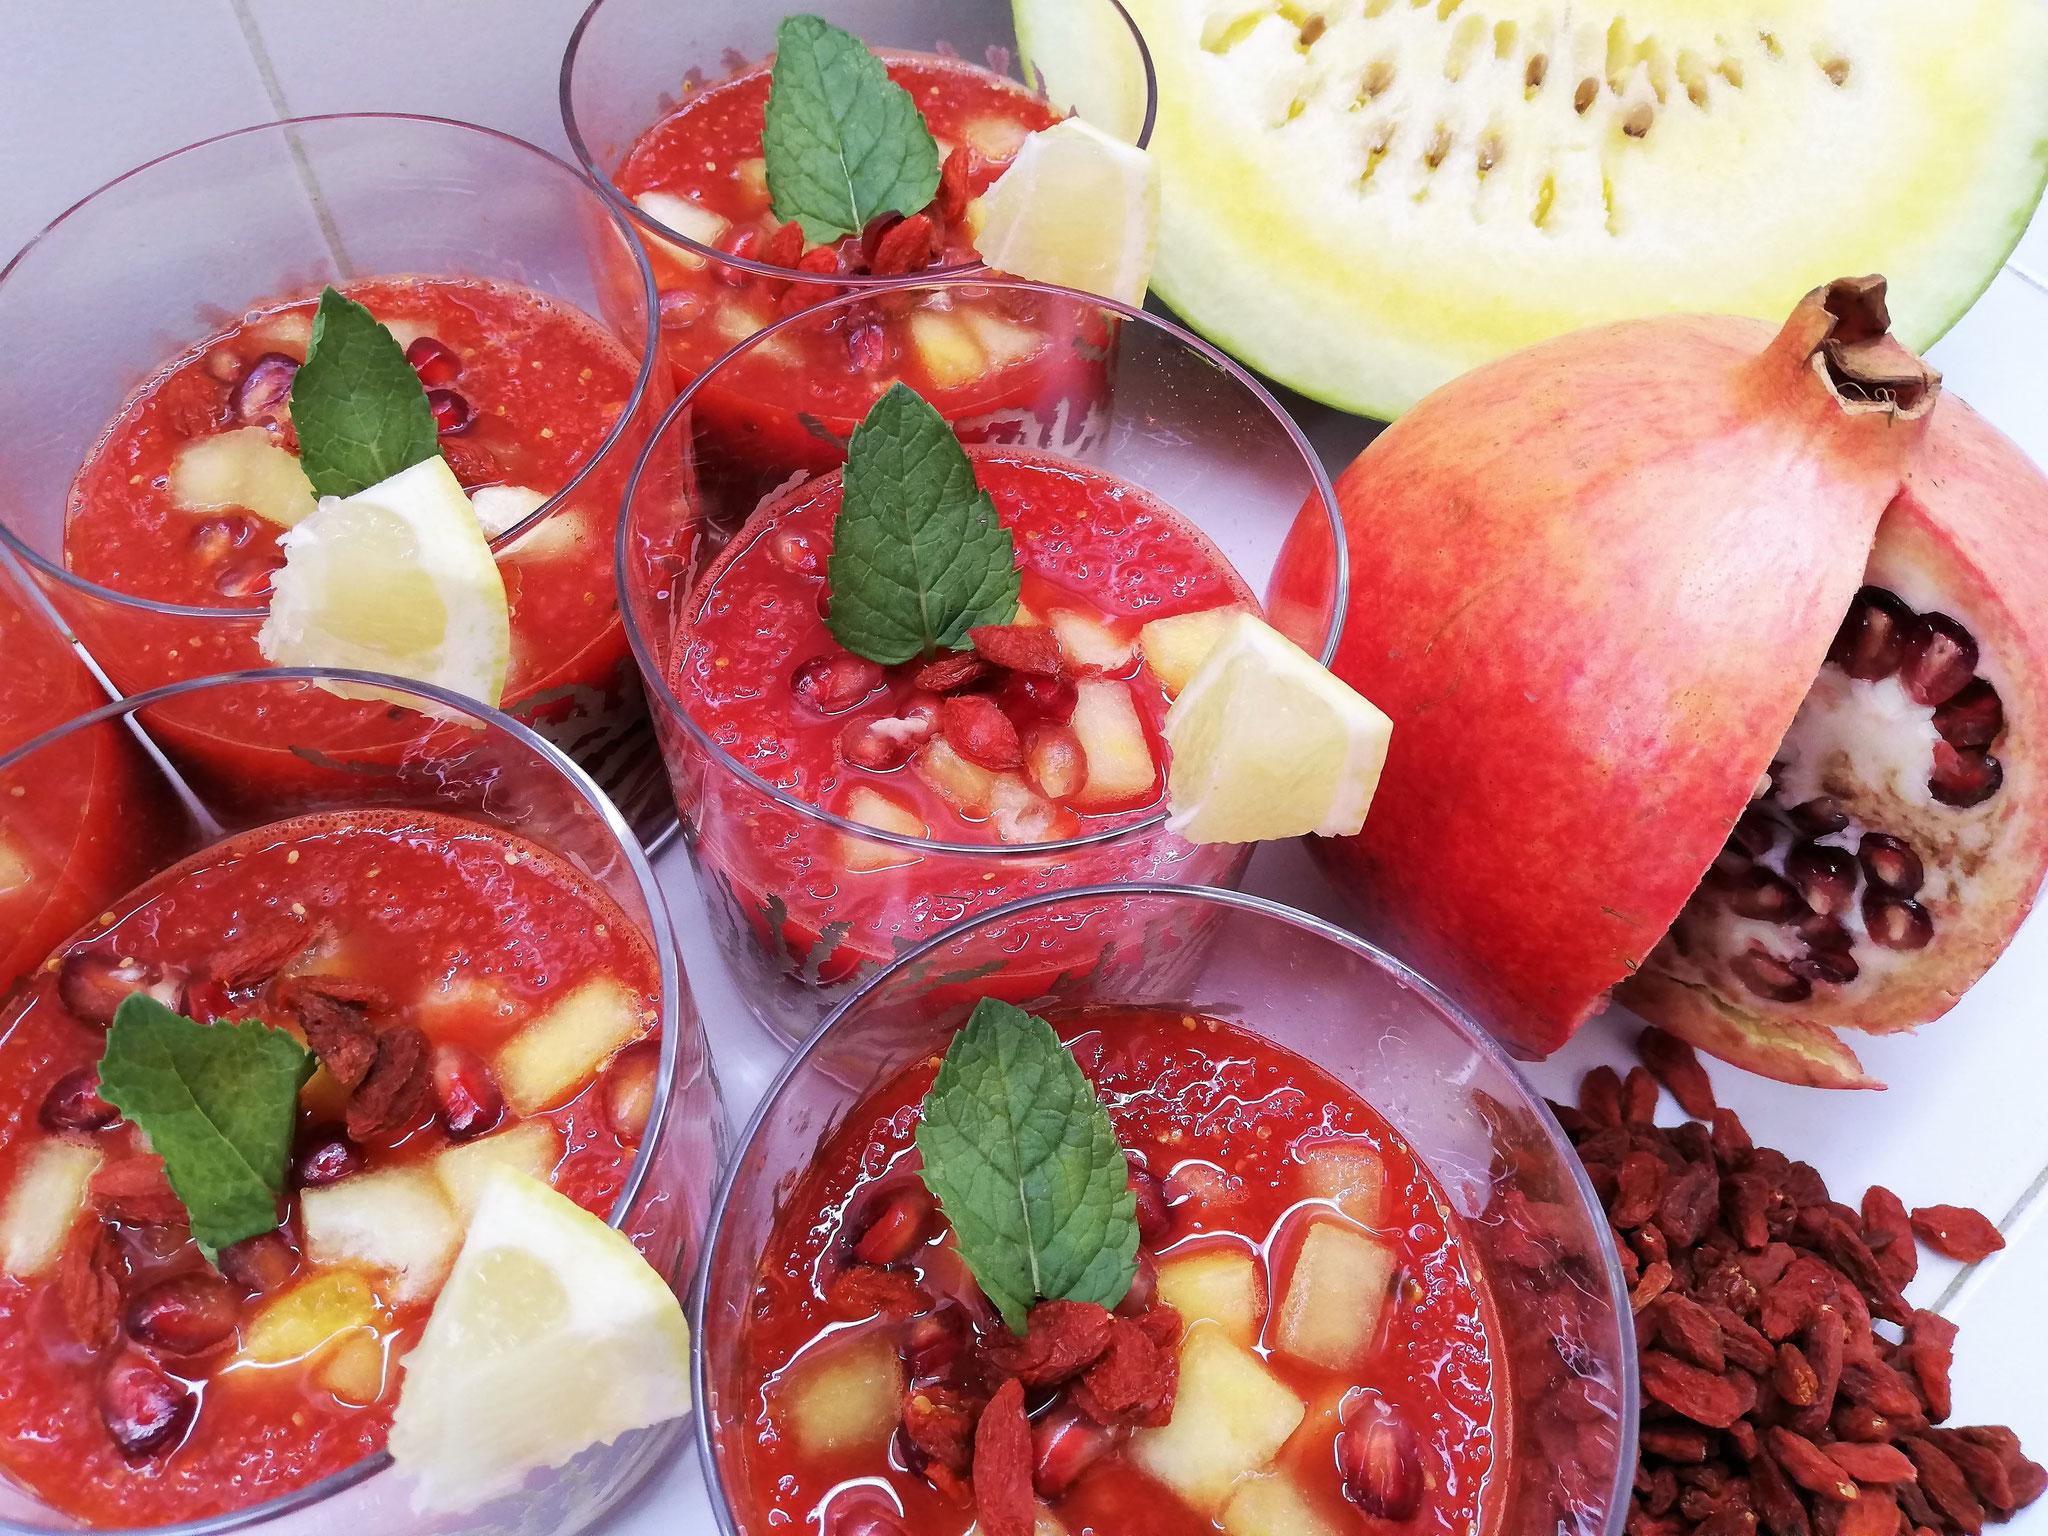 Gaspacho pastèque, grenade & baie de goji